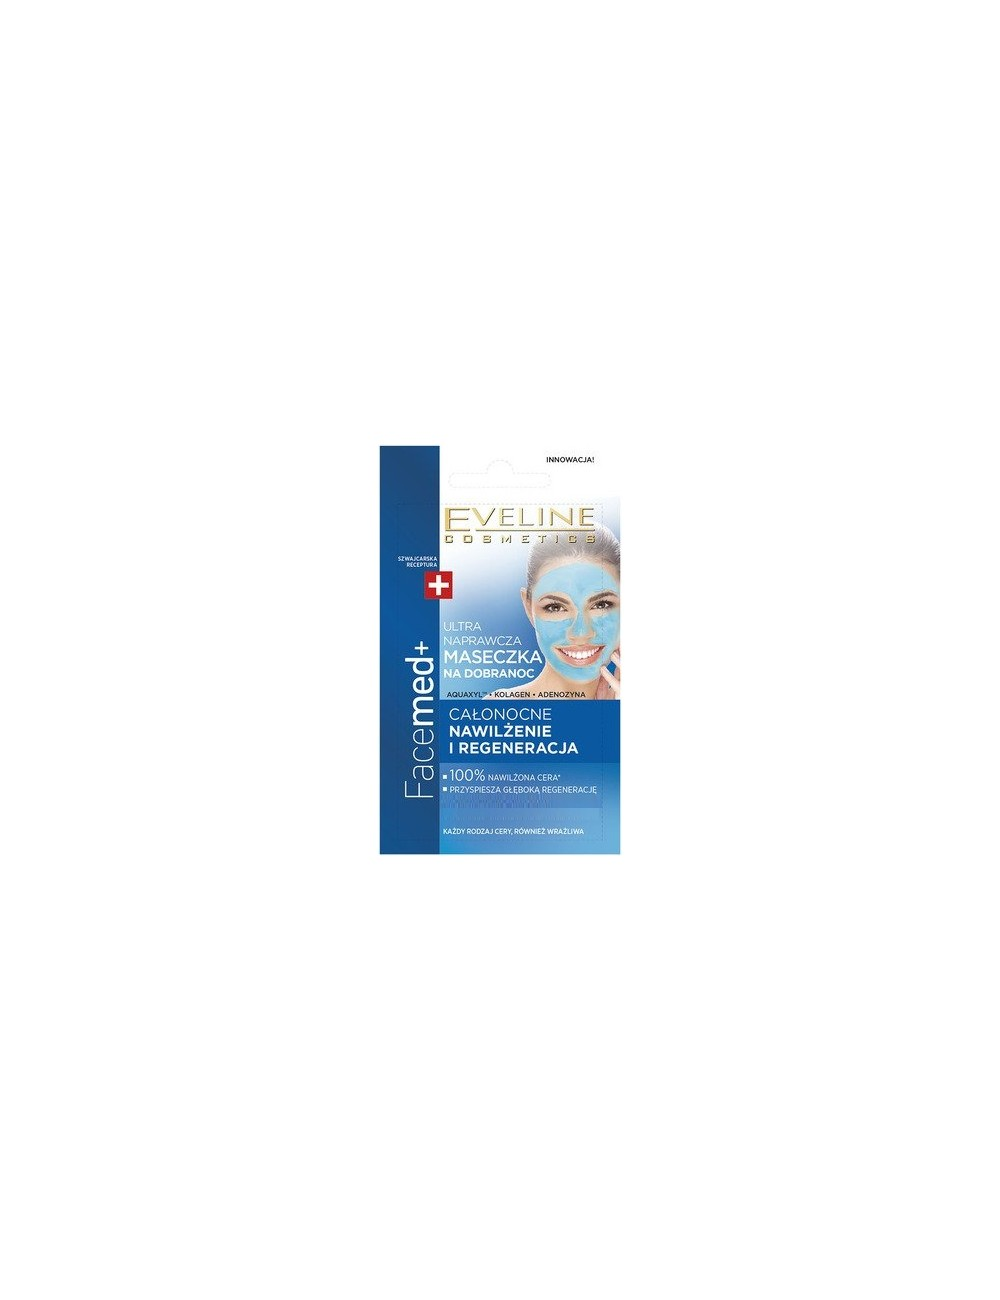 Eveline Ultra Naprawcza Maseczka na Dobranoc 7 ml - całonocne nawilżenie i regeneracja